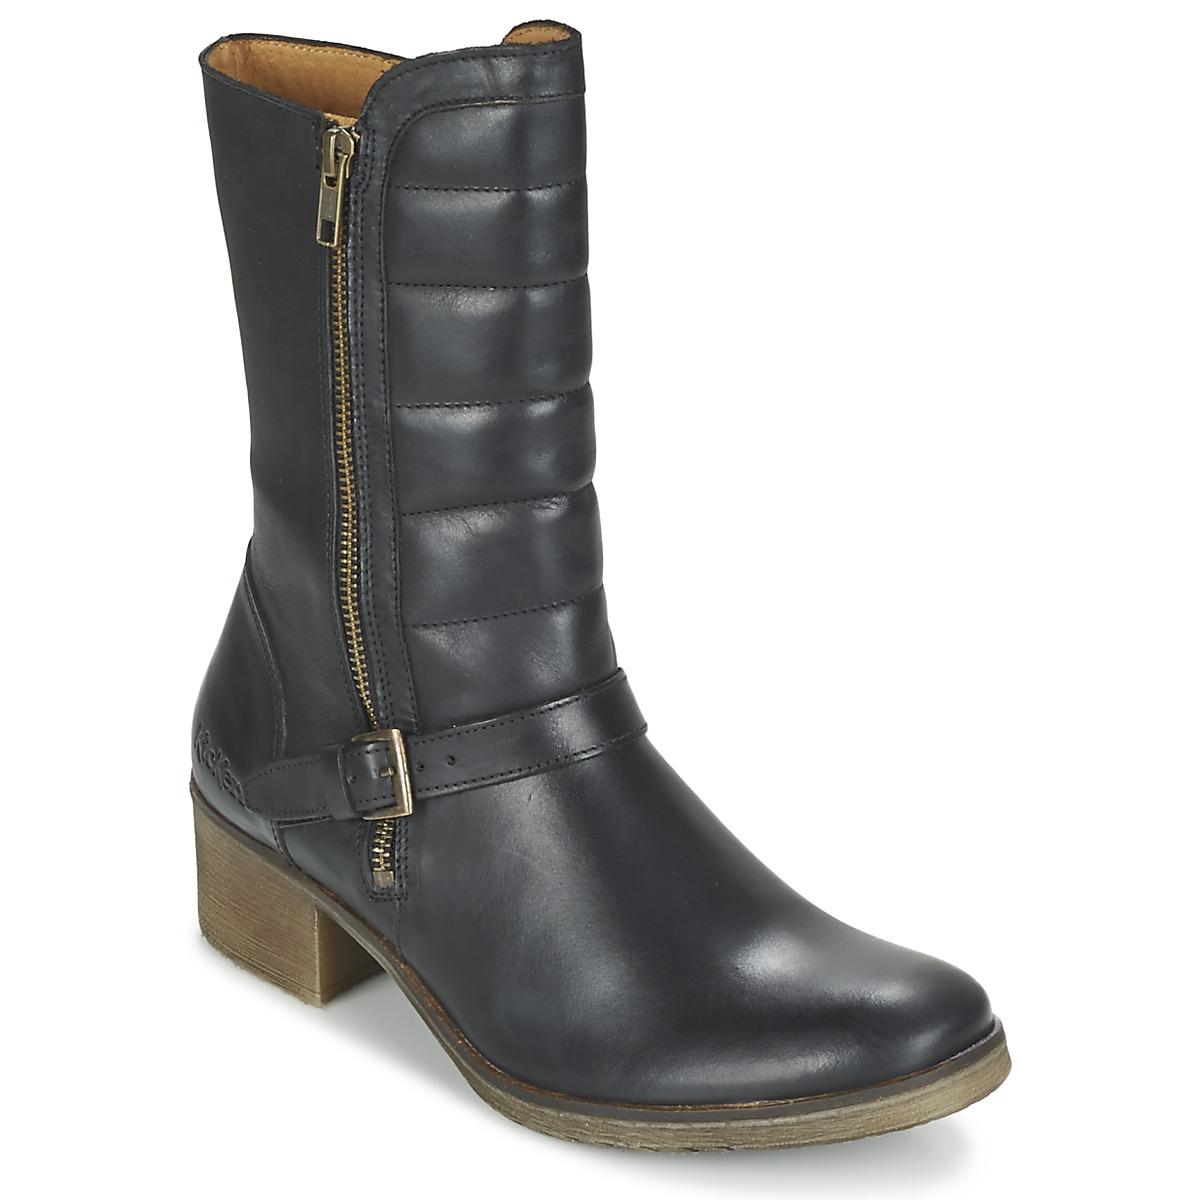 7c1062b93c8552 Chaussures, Sacs, KICKERS femme - Chaussure pas cher avec Shoes.fr